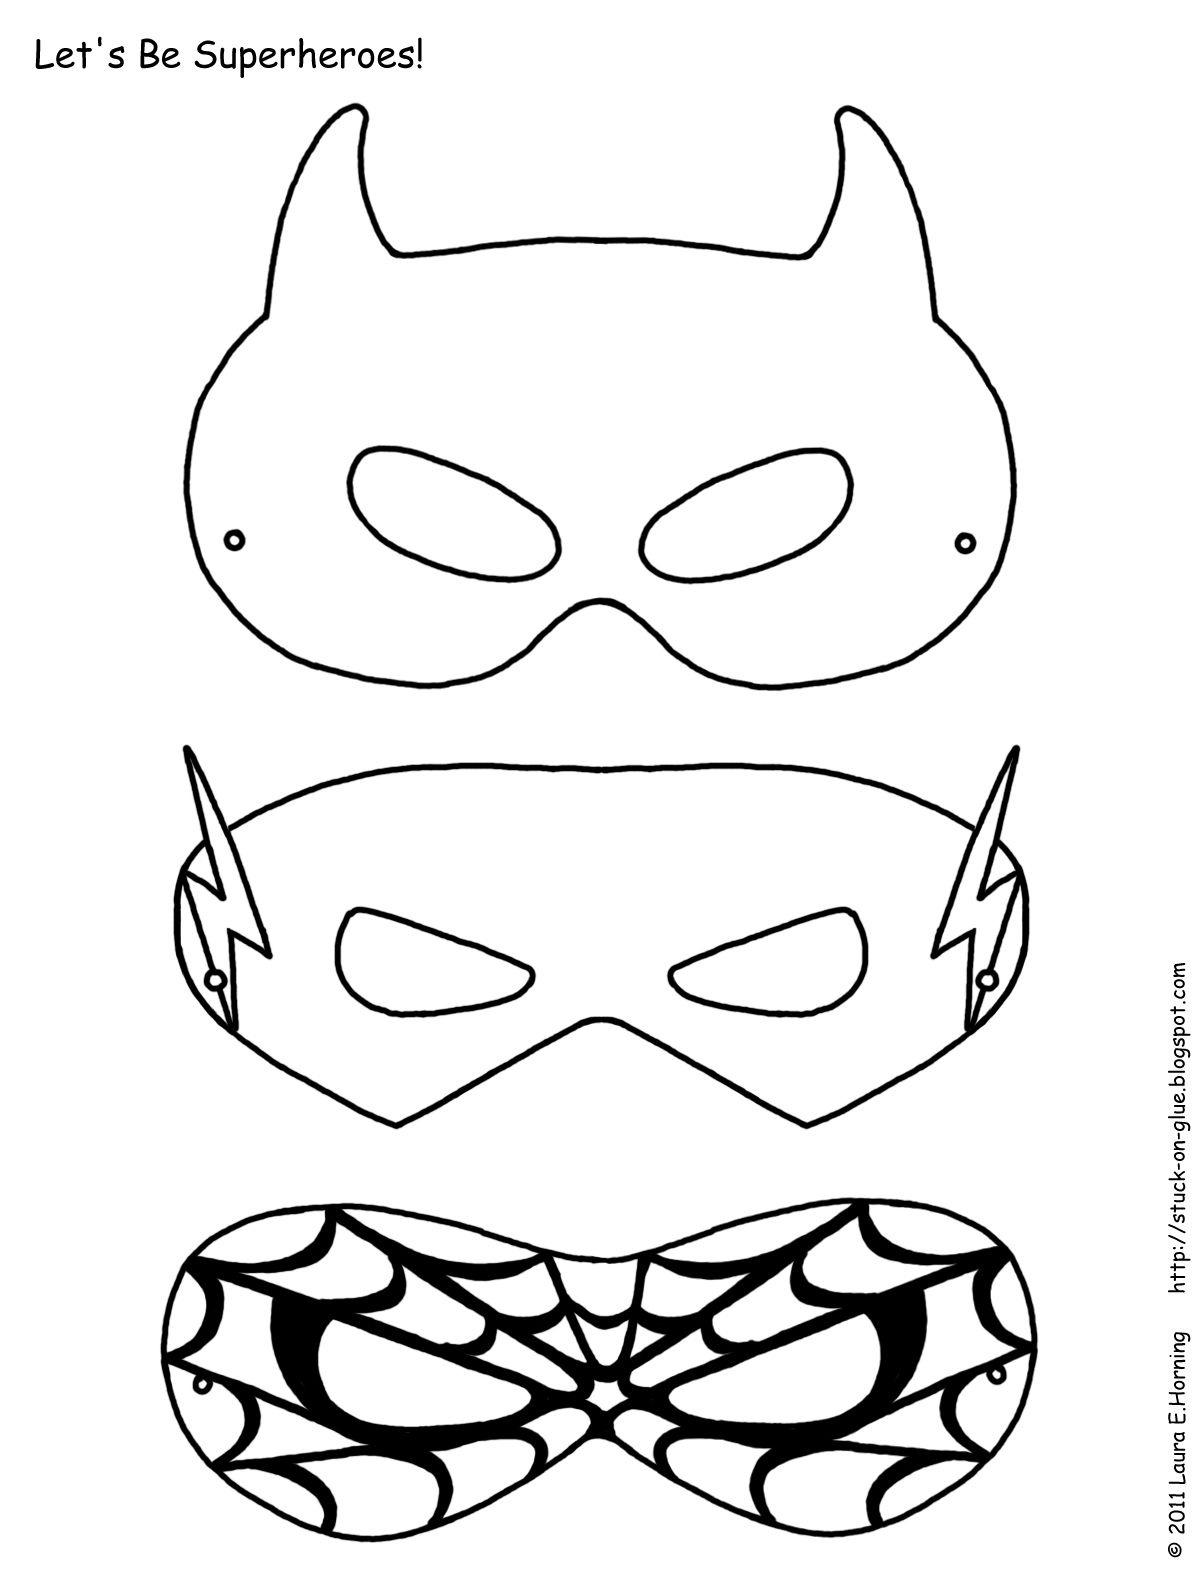 Mask Printable | Free Printable Superhero Mask Template | Masks - Free Printable Masks